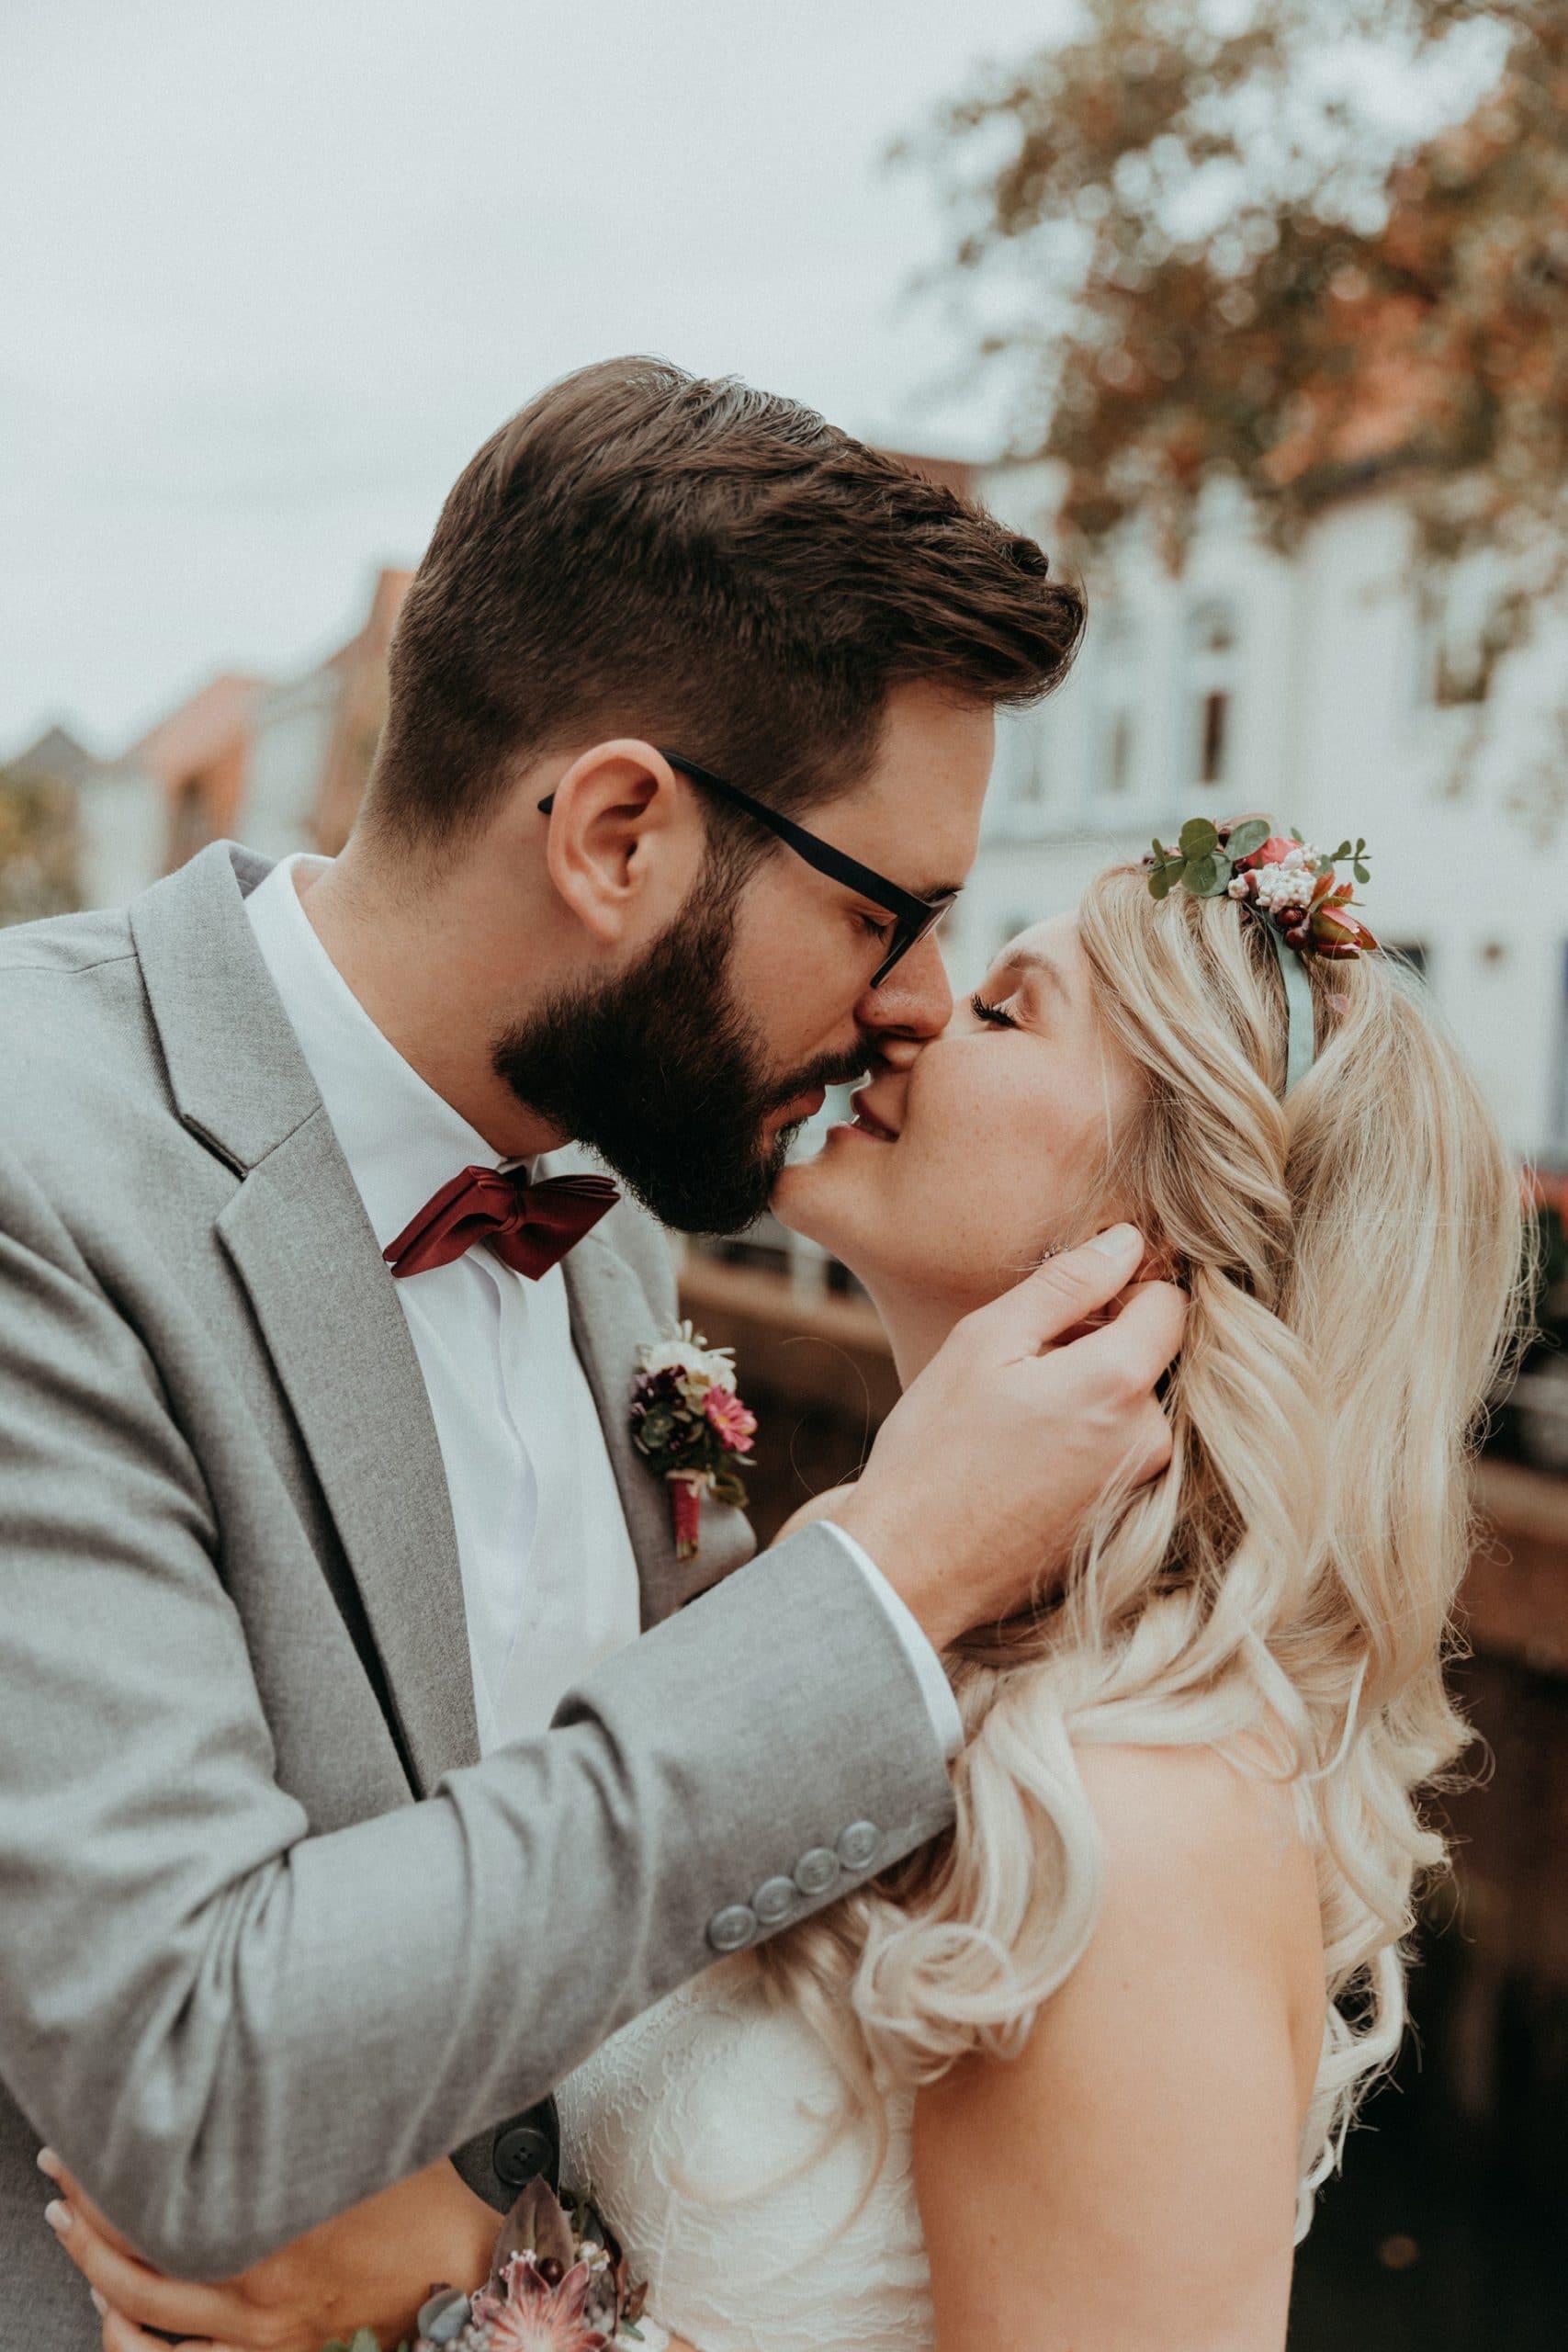 1273-DUC-THIEN-PHOTOGRAPHY-Hochzeitsfotos-dDQm8otP